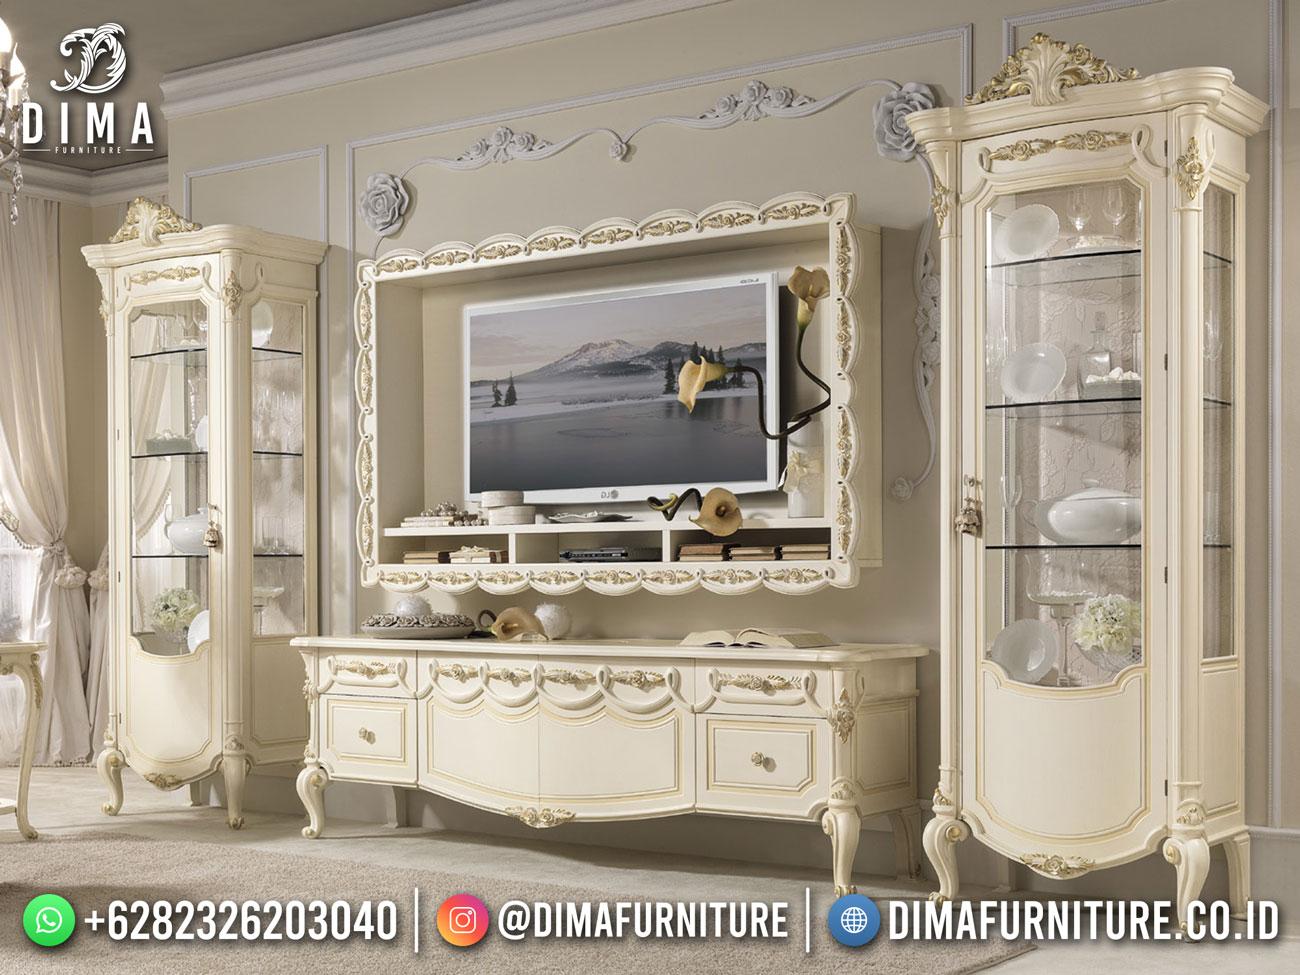 Jual Bufet TV Mewah Terbaru Luxury Design Interior Inspiring DF-1757